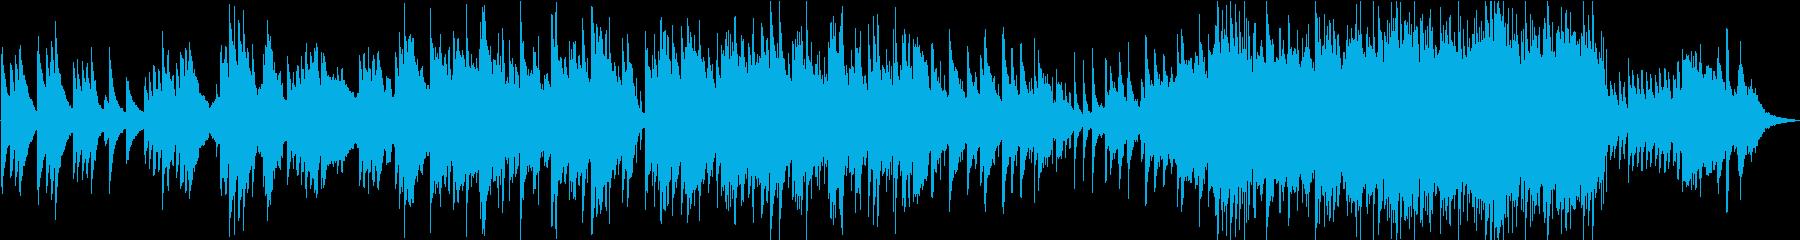 映像BGM・回想シーン・感動的の再生済みの波形